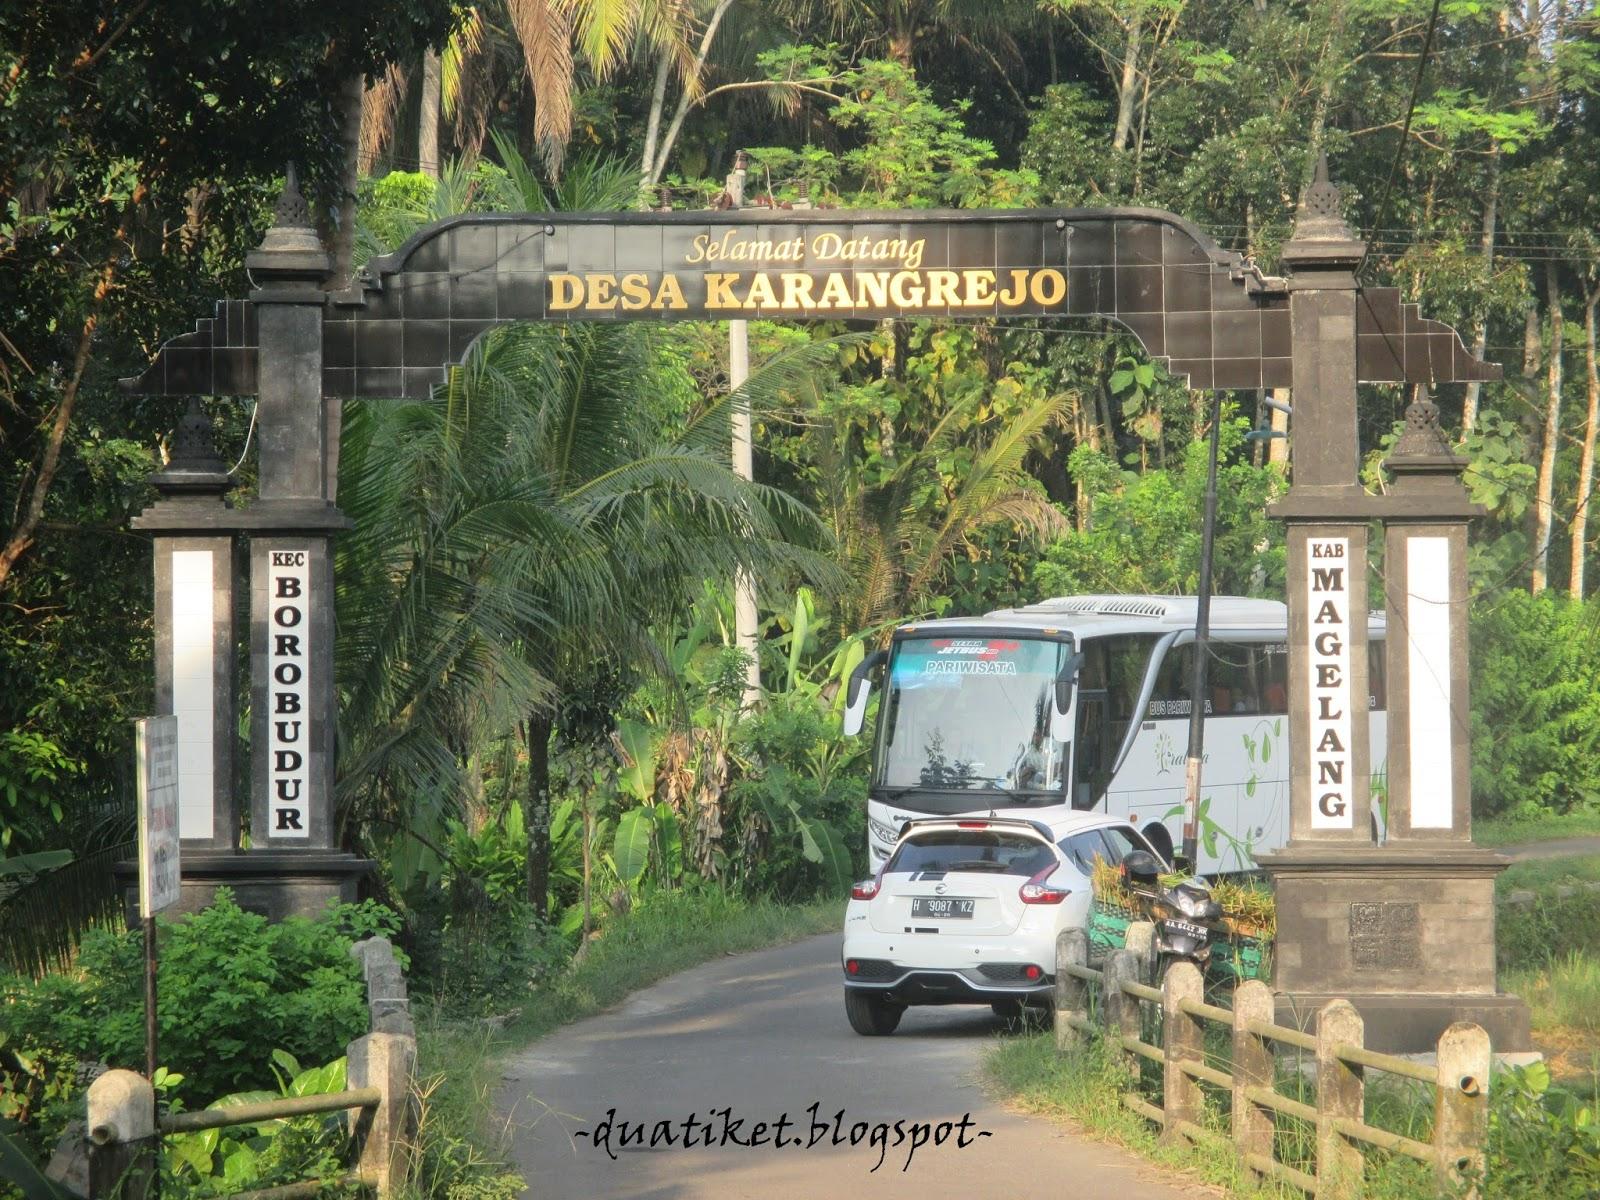 Duatiket Indonesia Travel Blog Jalan Menuju Punthuk Setumbu Kita Tinggal